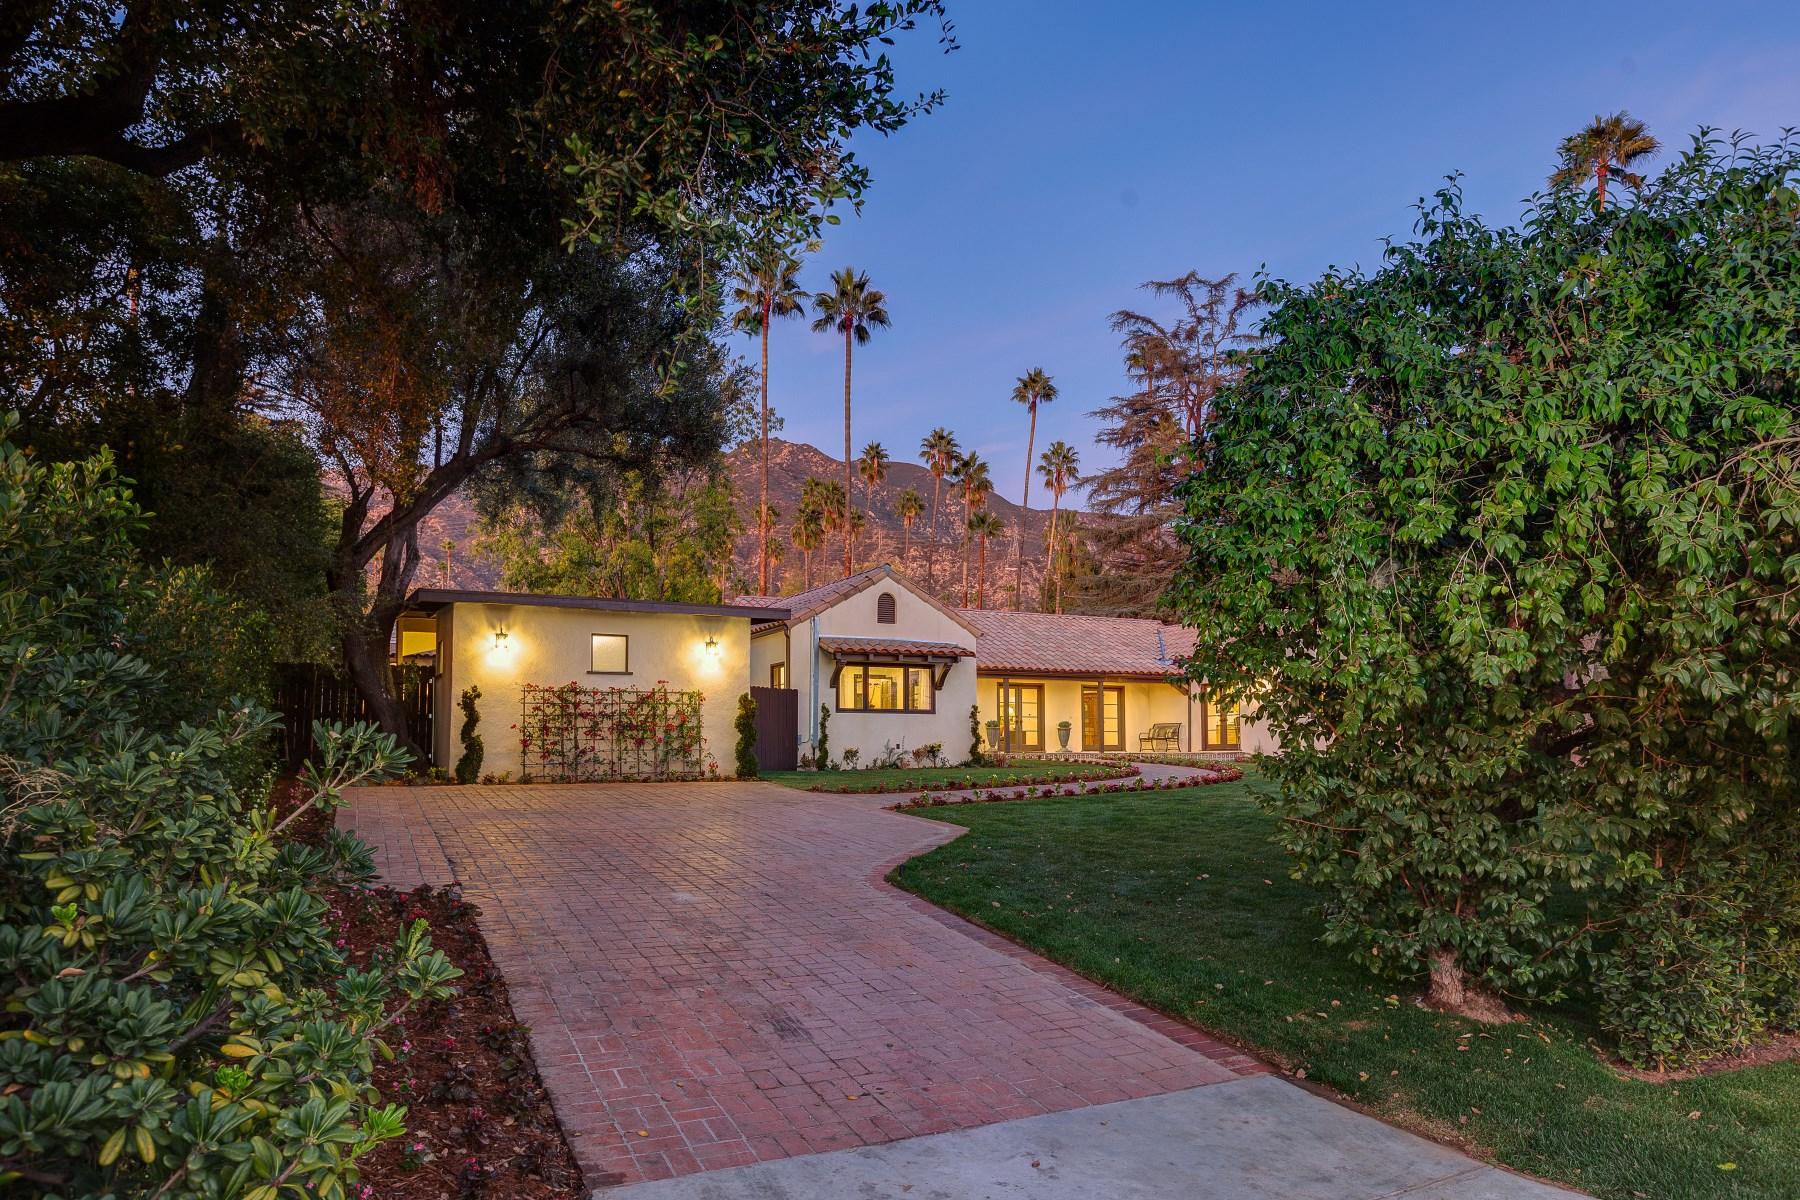 Einfamilienhaus für Verkauf beim 1717 East Mendocino Street Los Angeles, Kalifornien 91101 Vereinigte Staaten